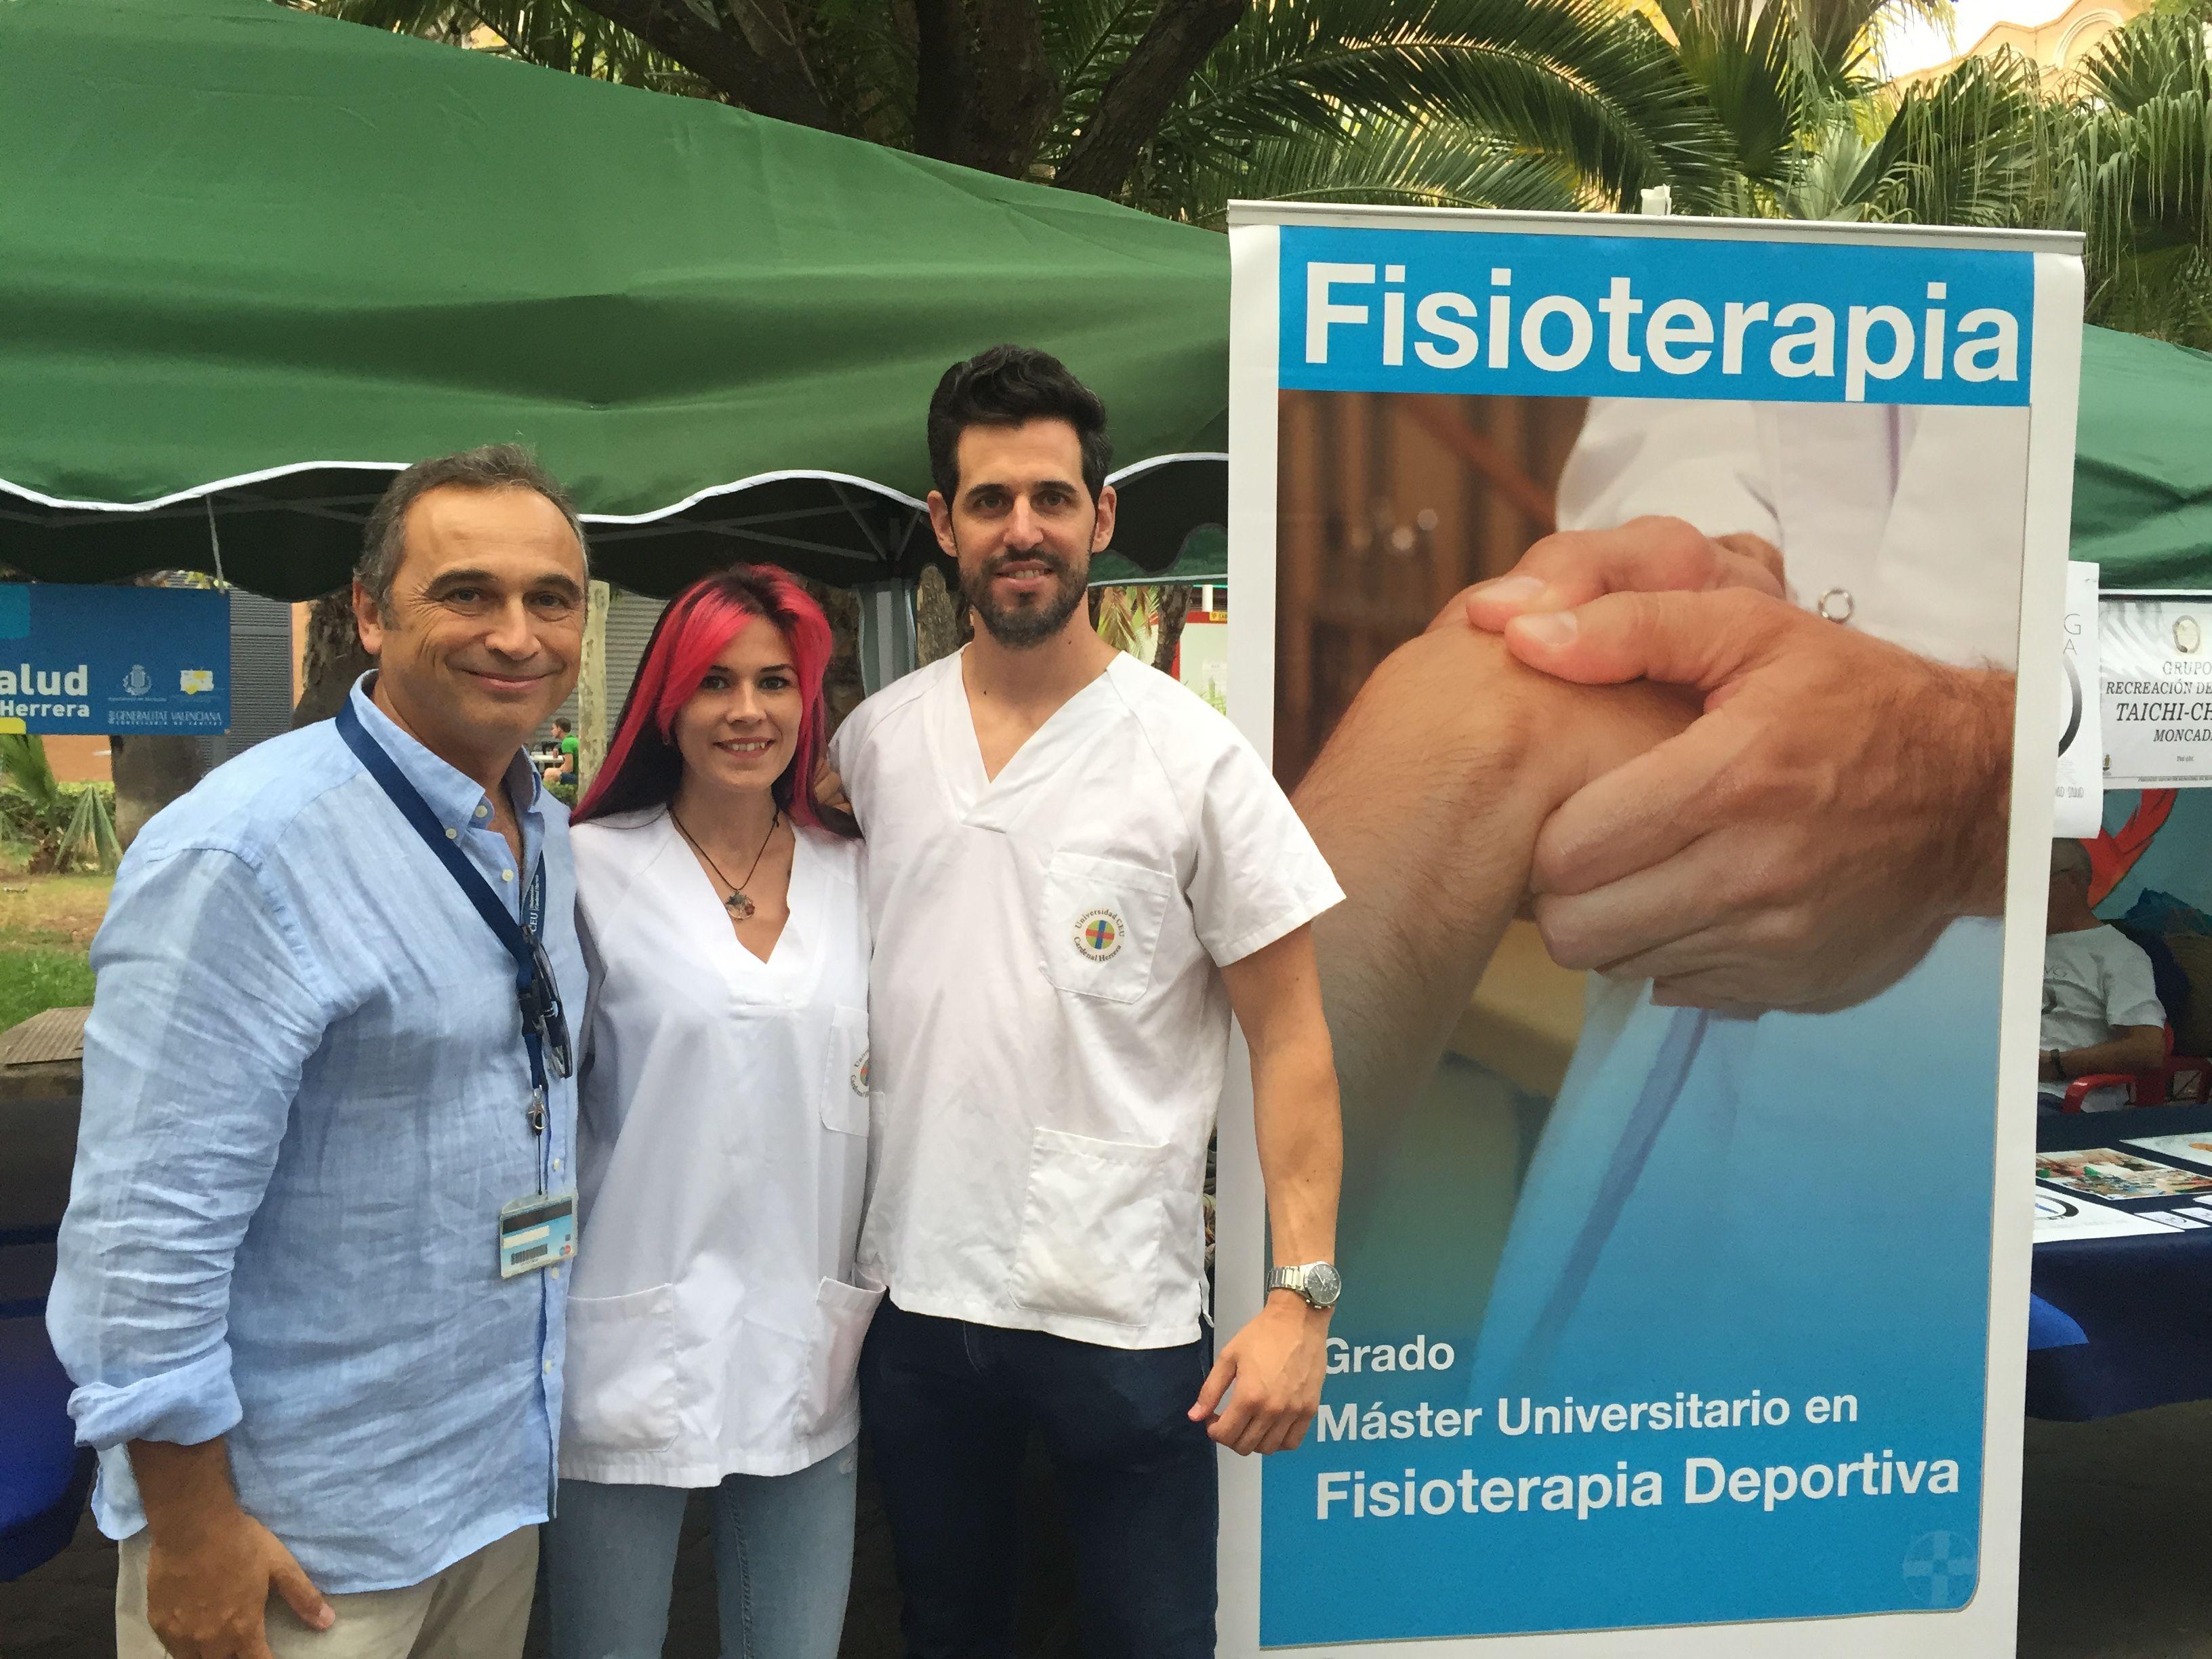 Una Feria con Fisioterapia. Los estudiantes Cristina Perales y David Gascó participaron, con el profesor José Ángel González, en la XII Feria de la salud de Moncada.